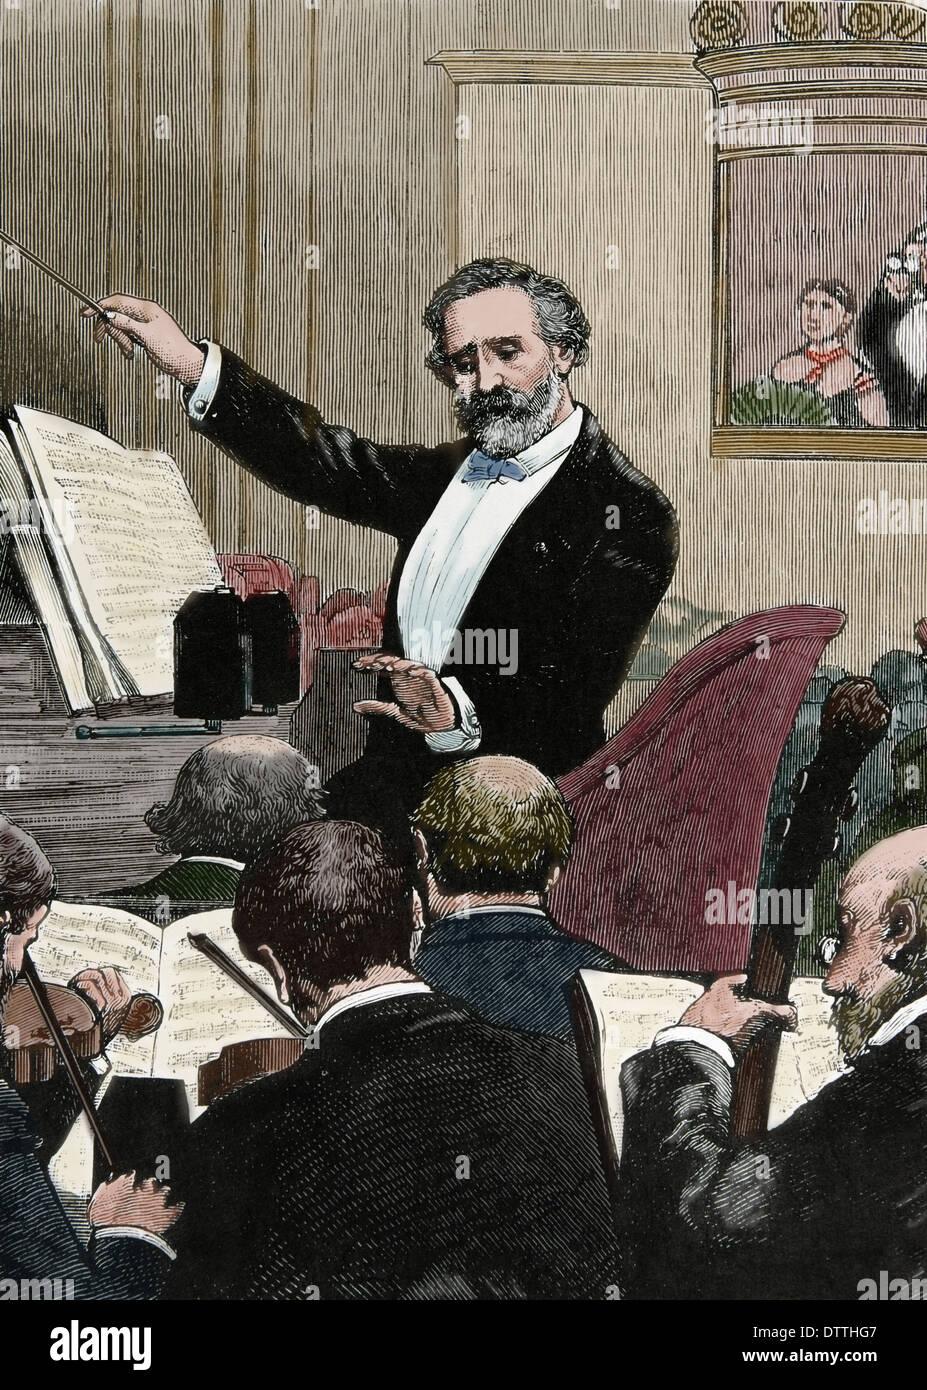 giuseppe verdi 1813 1901 italian romantic composer france paris